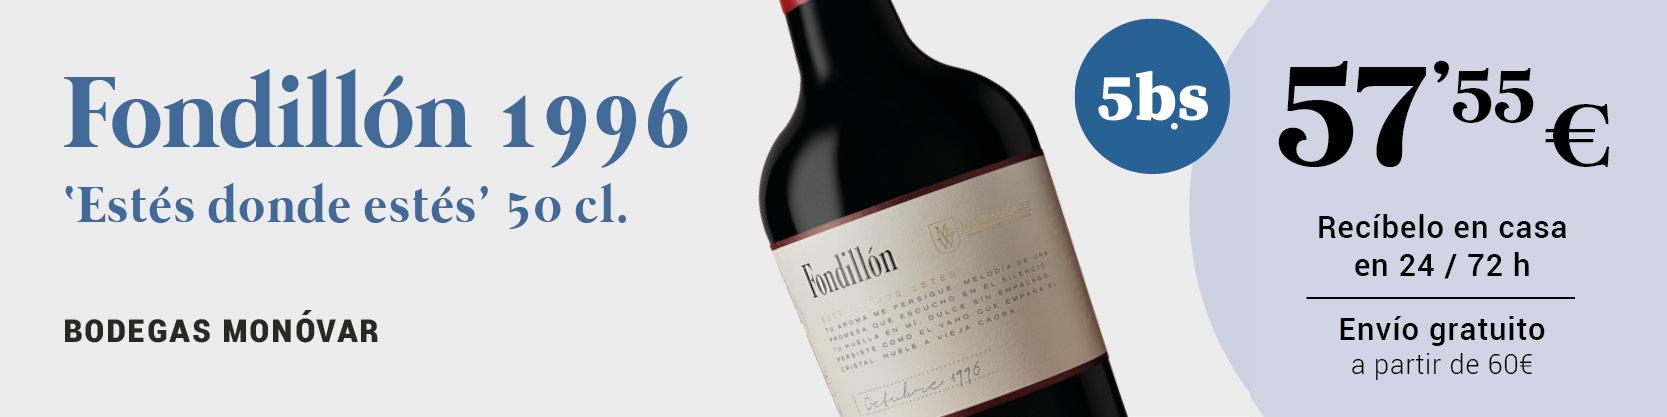 210616-fondillon-monovar-800x200